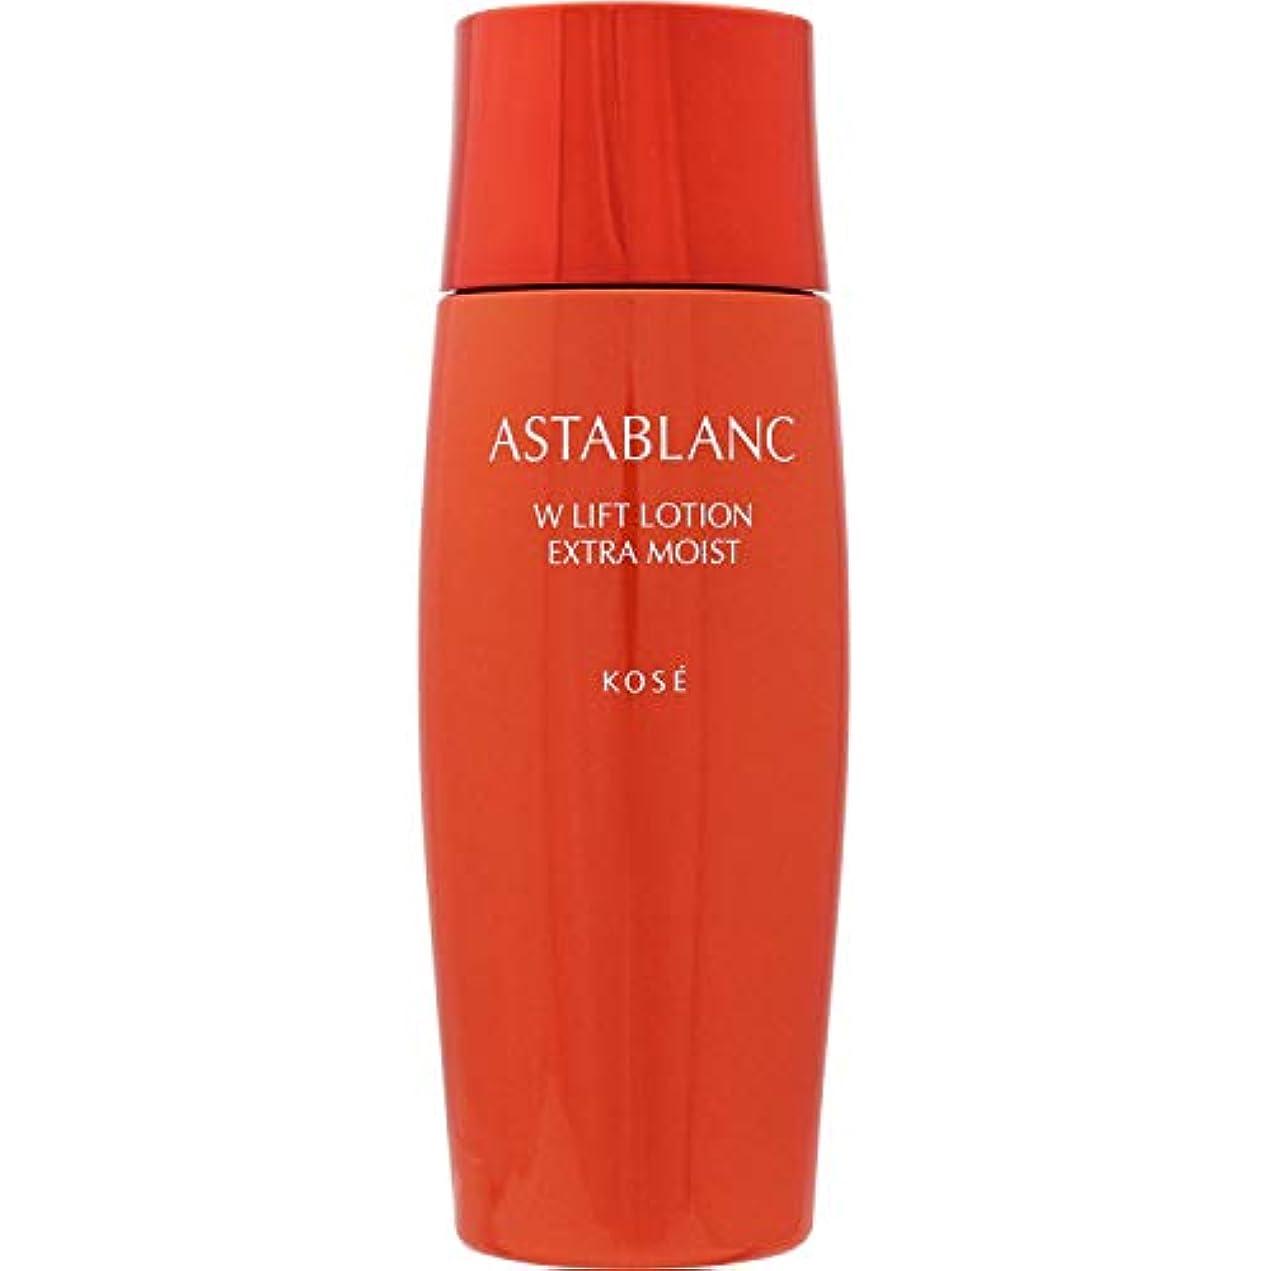 朝食を食べるホテル話ASTABLANC(アスタブラン) アスタブラン Wリフト ローション とてもしっとり 化粧水 140mL